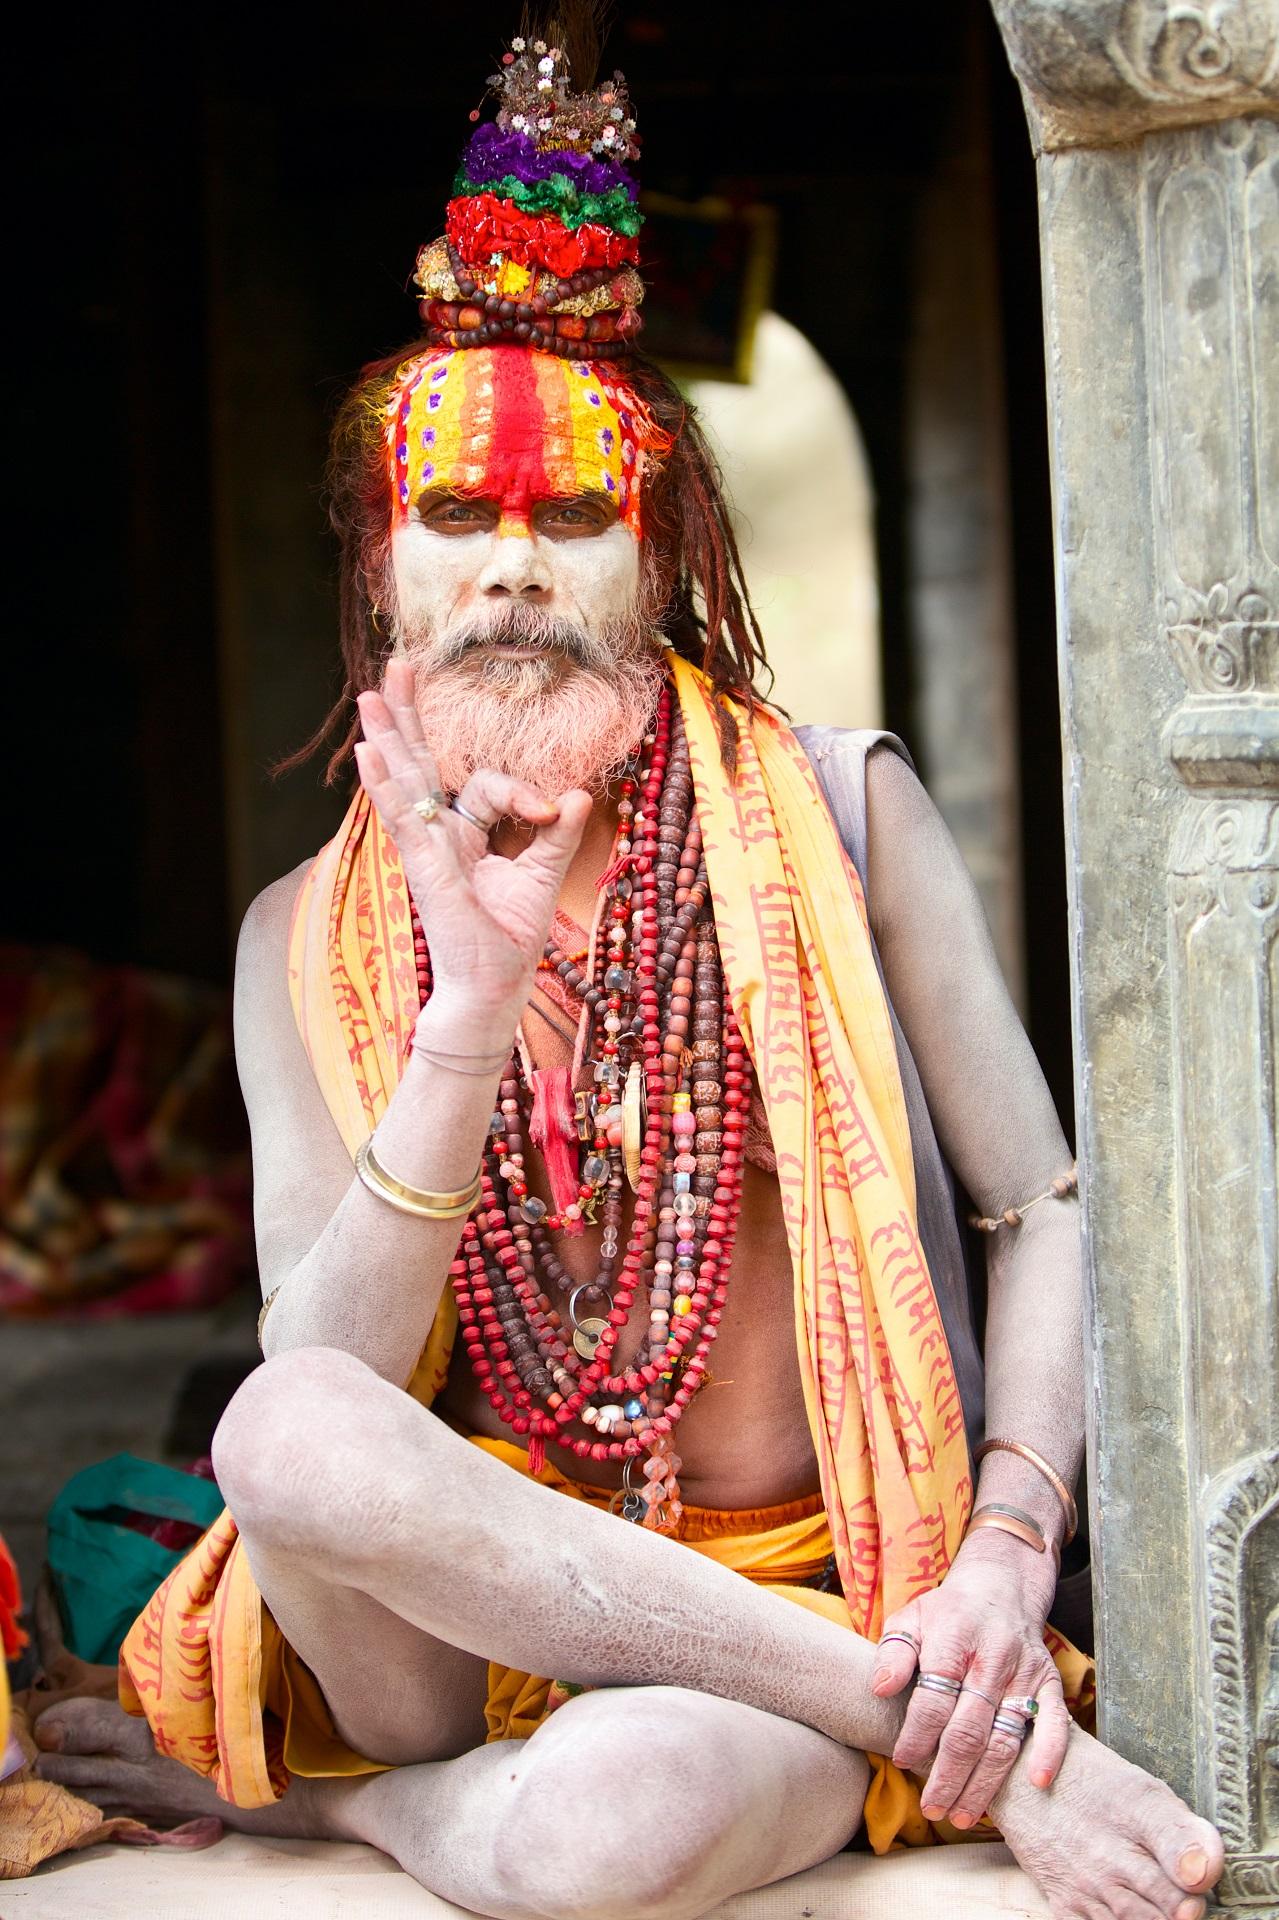 Сексуальные отношения в индуизме